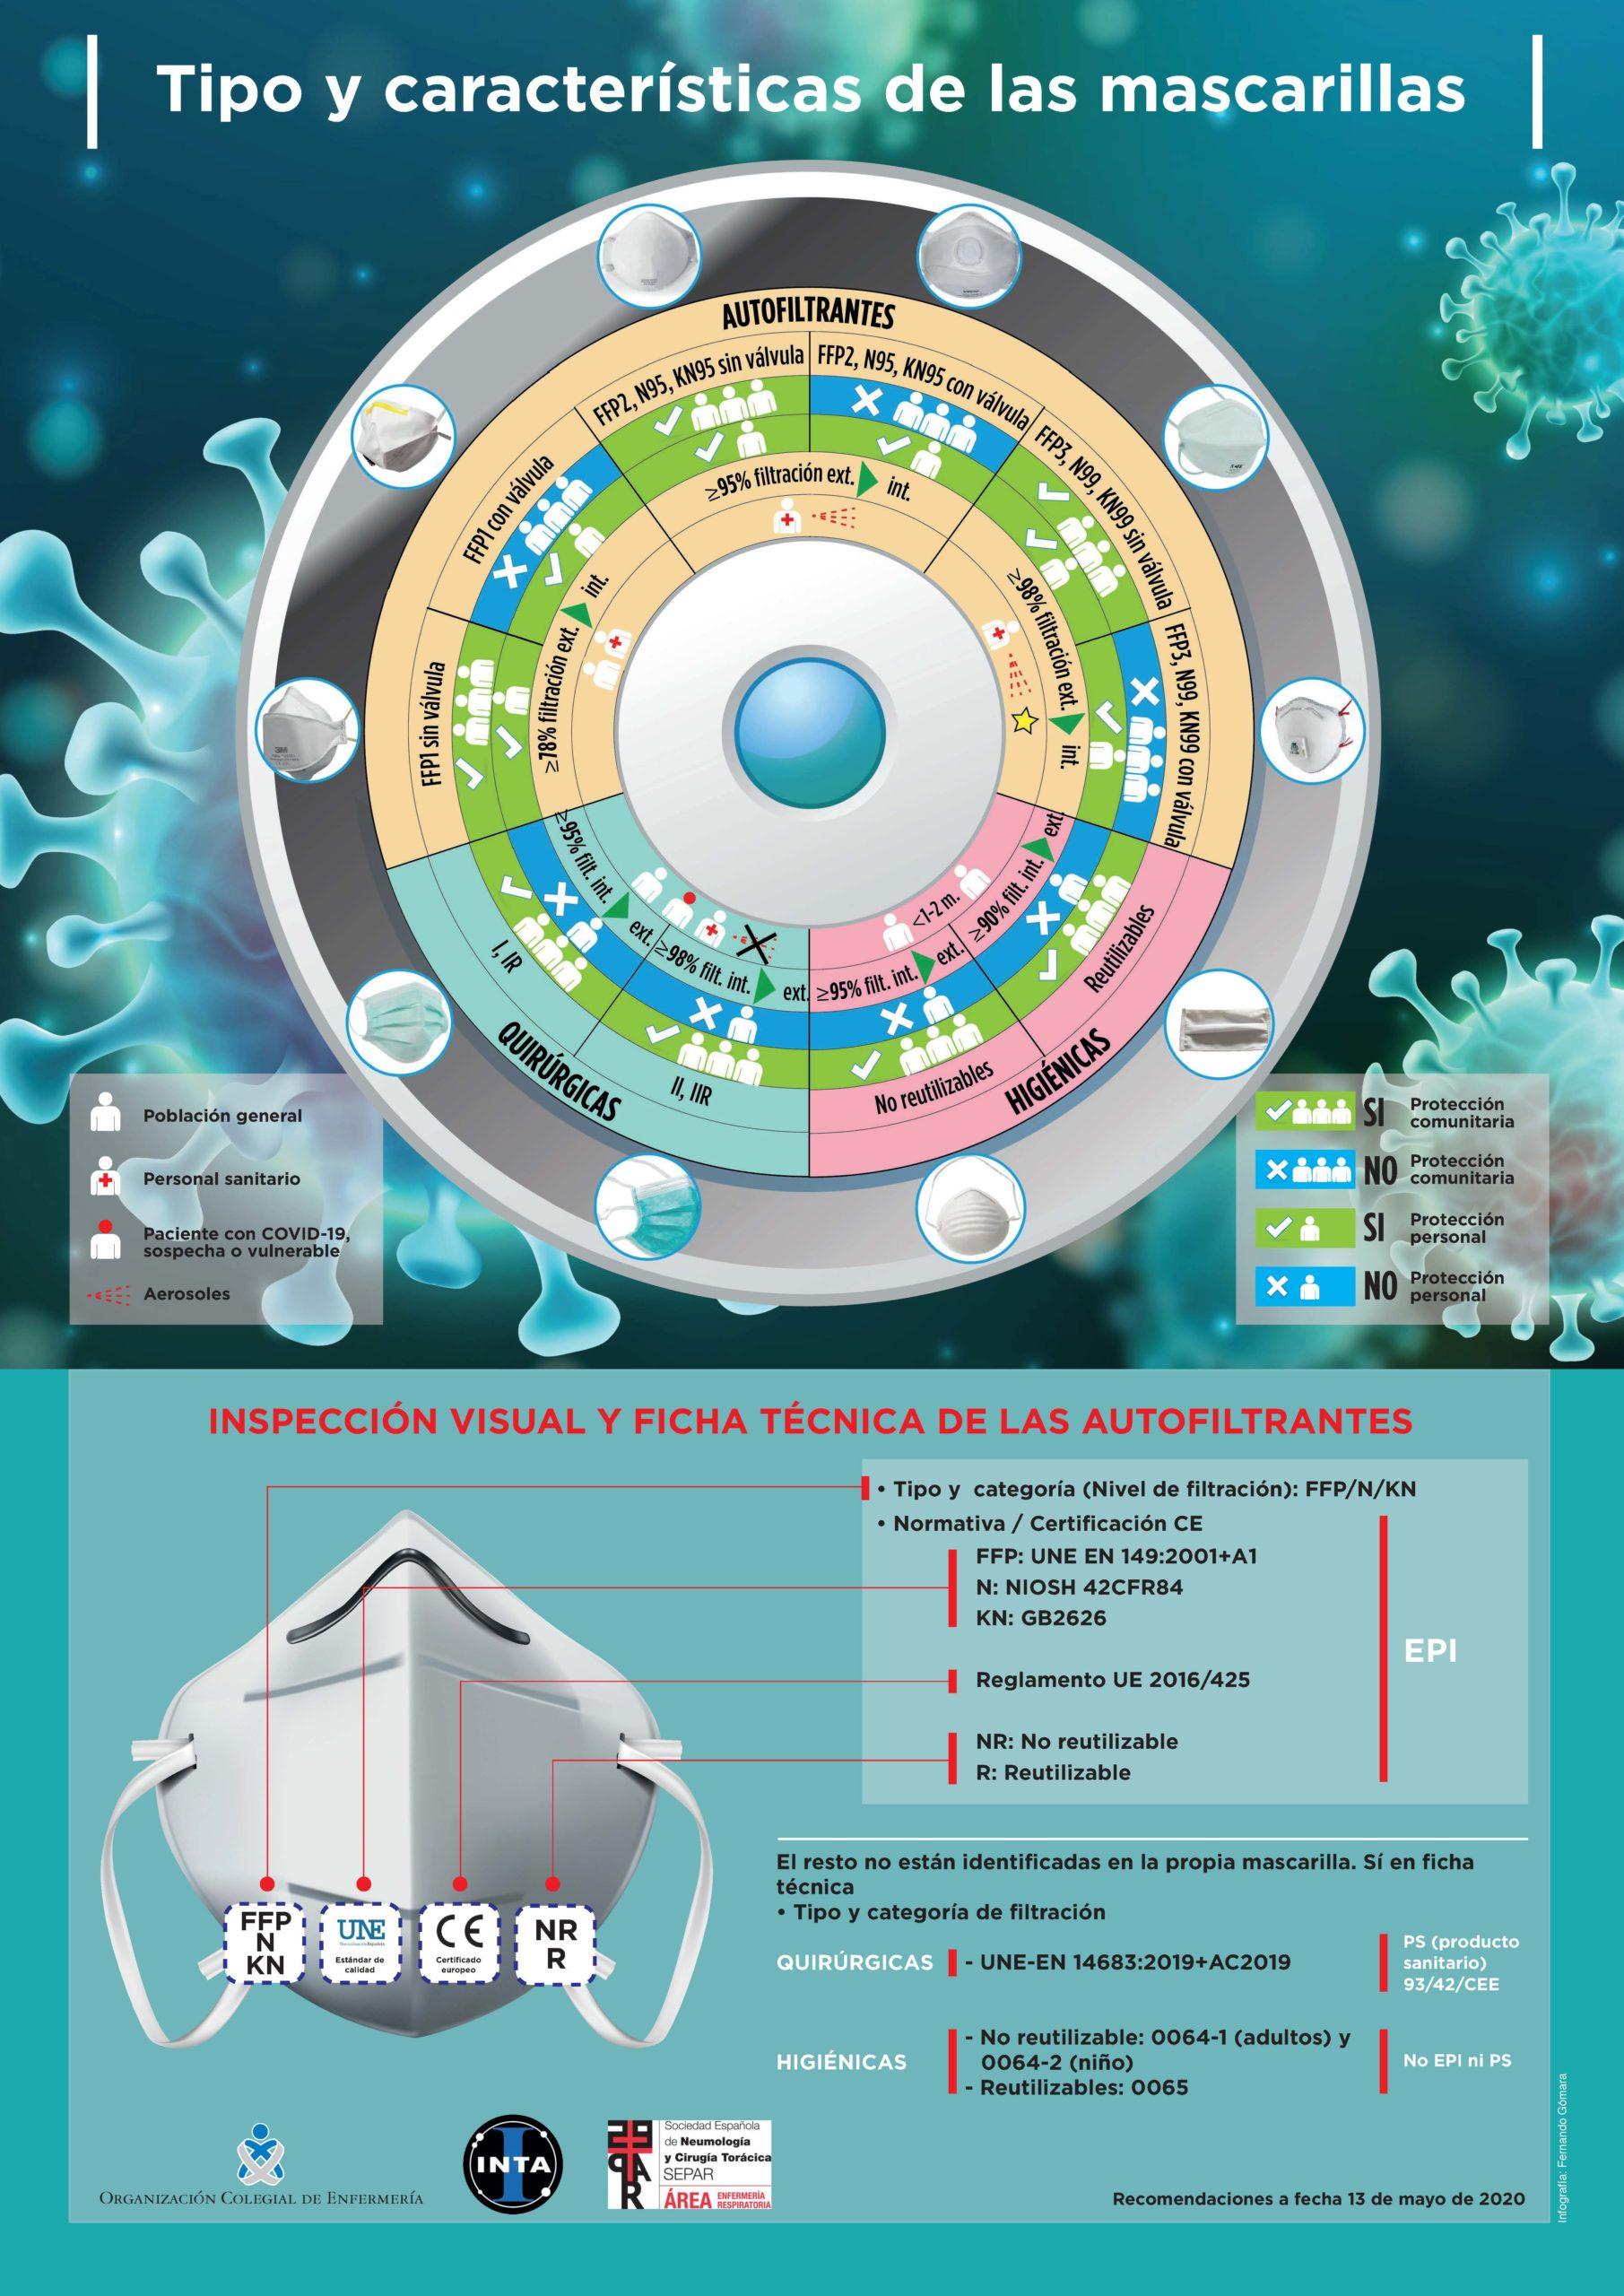 La Organización Colegial de Enfermería, SEPAR e INTA distribuyen a los profesionales sanitarios una infografía para identificar la mascarilla adecuada ante el Covid-19